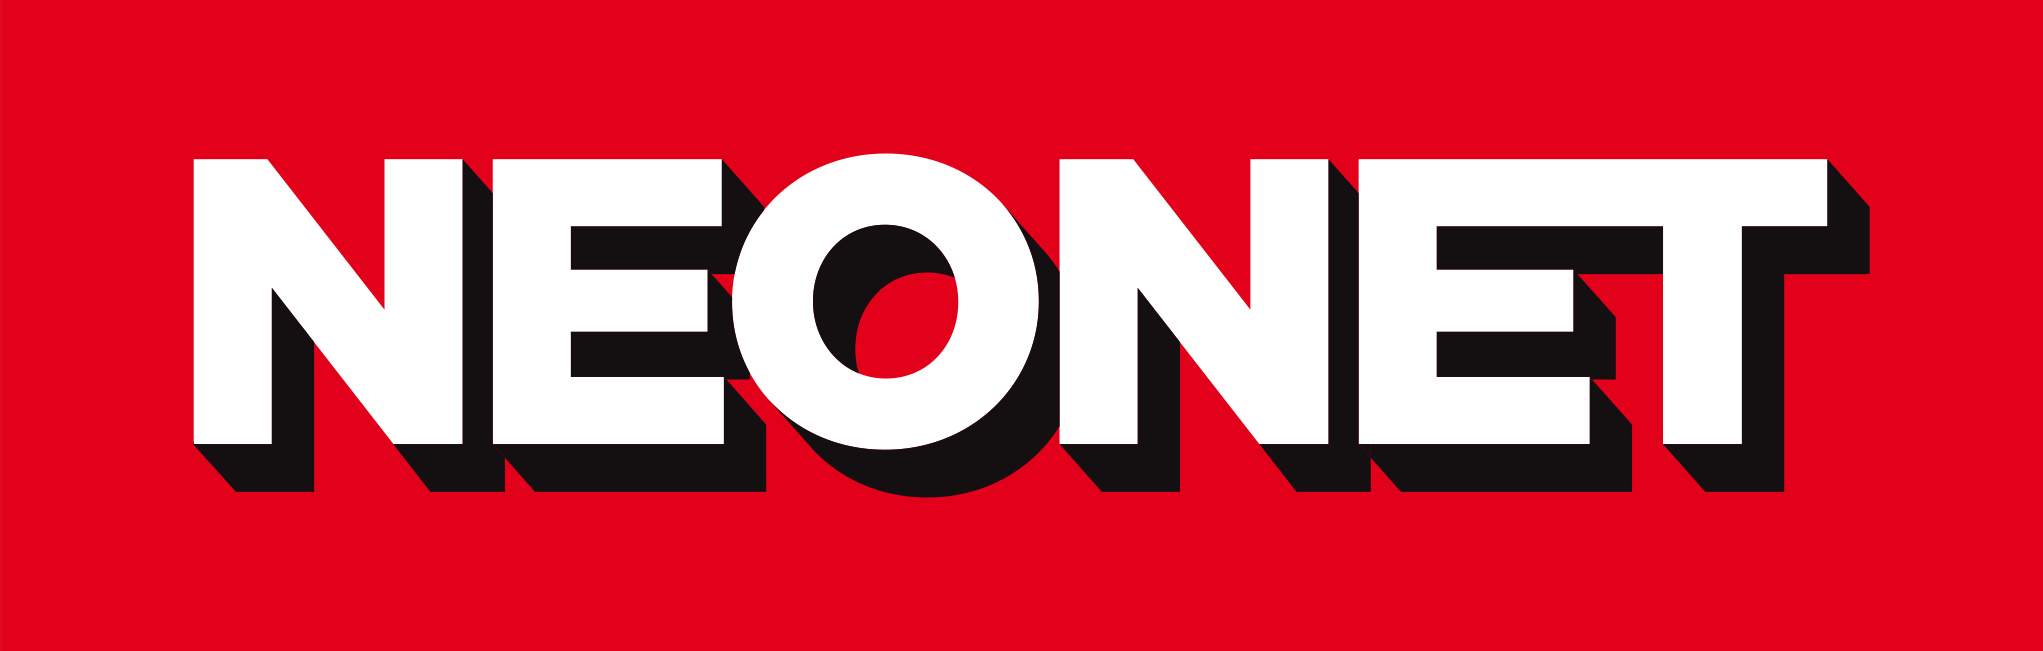 Neo-Net logo